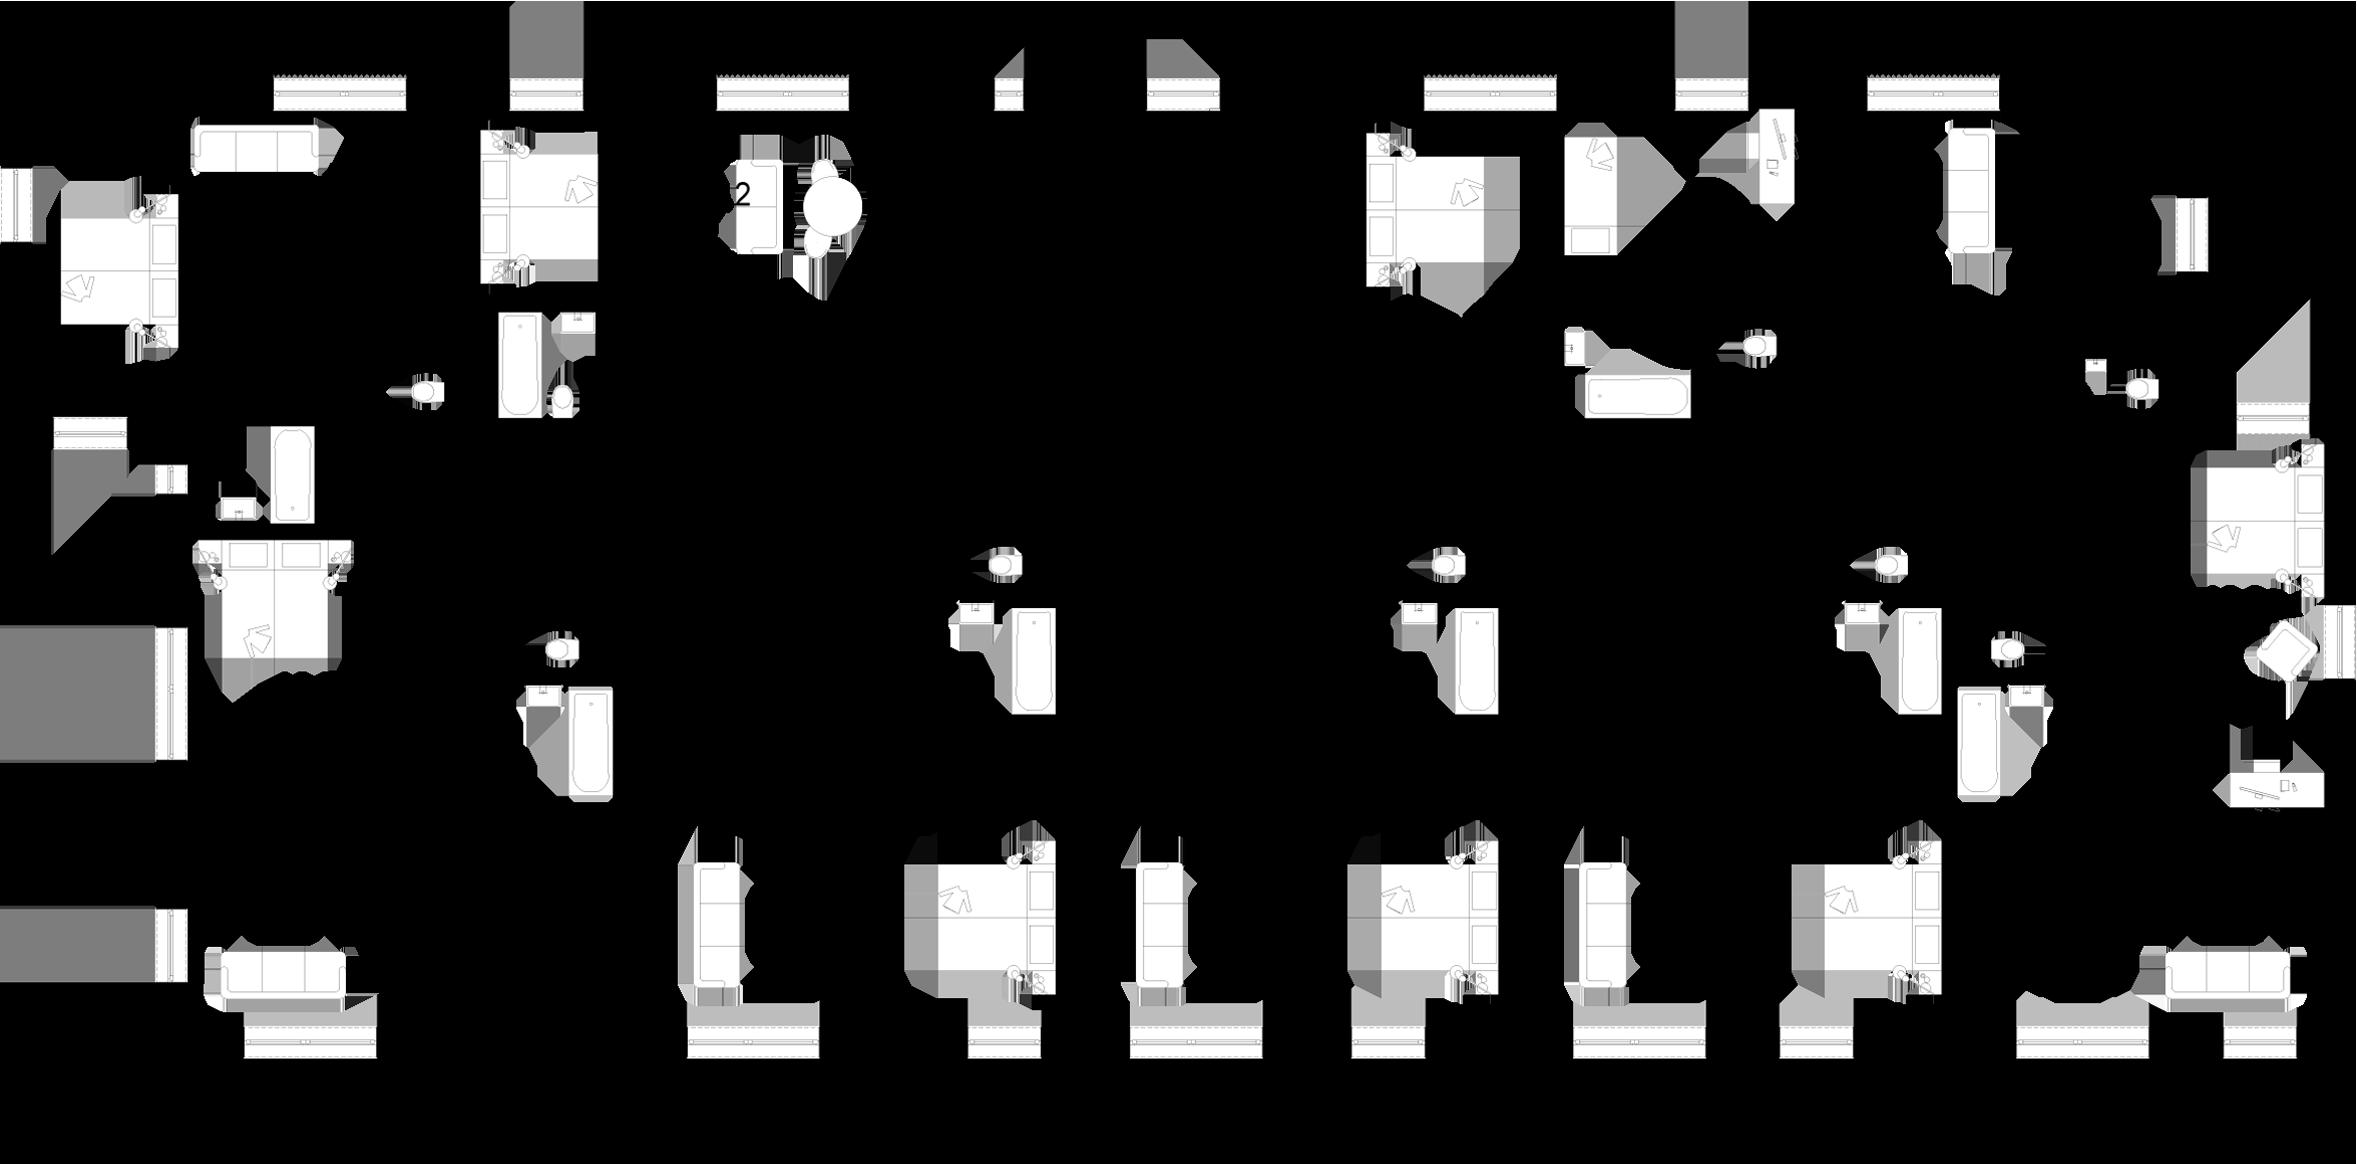 SO-01.A3 – 3. NP